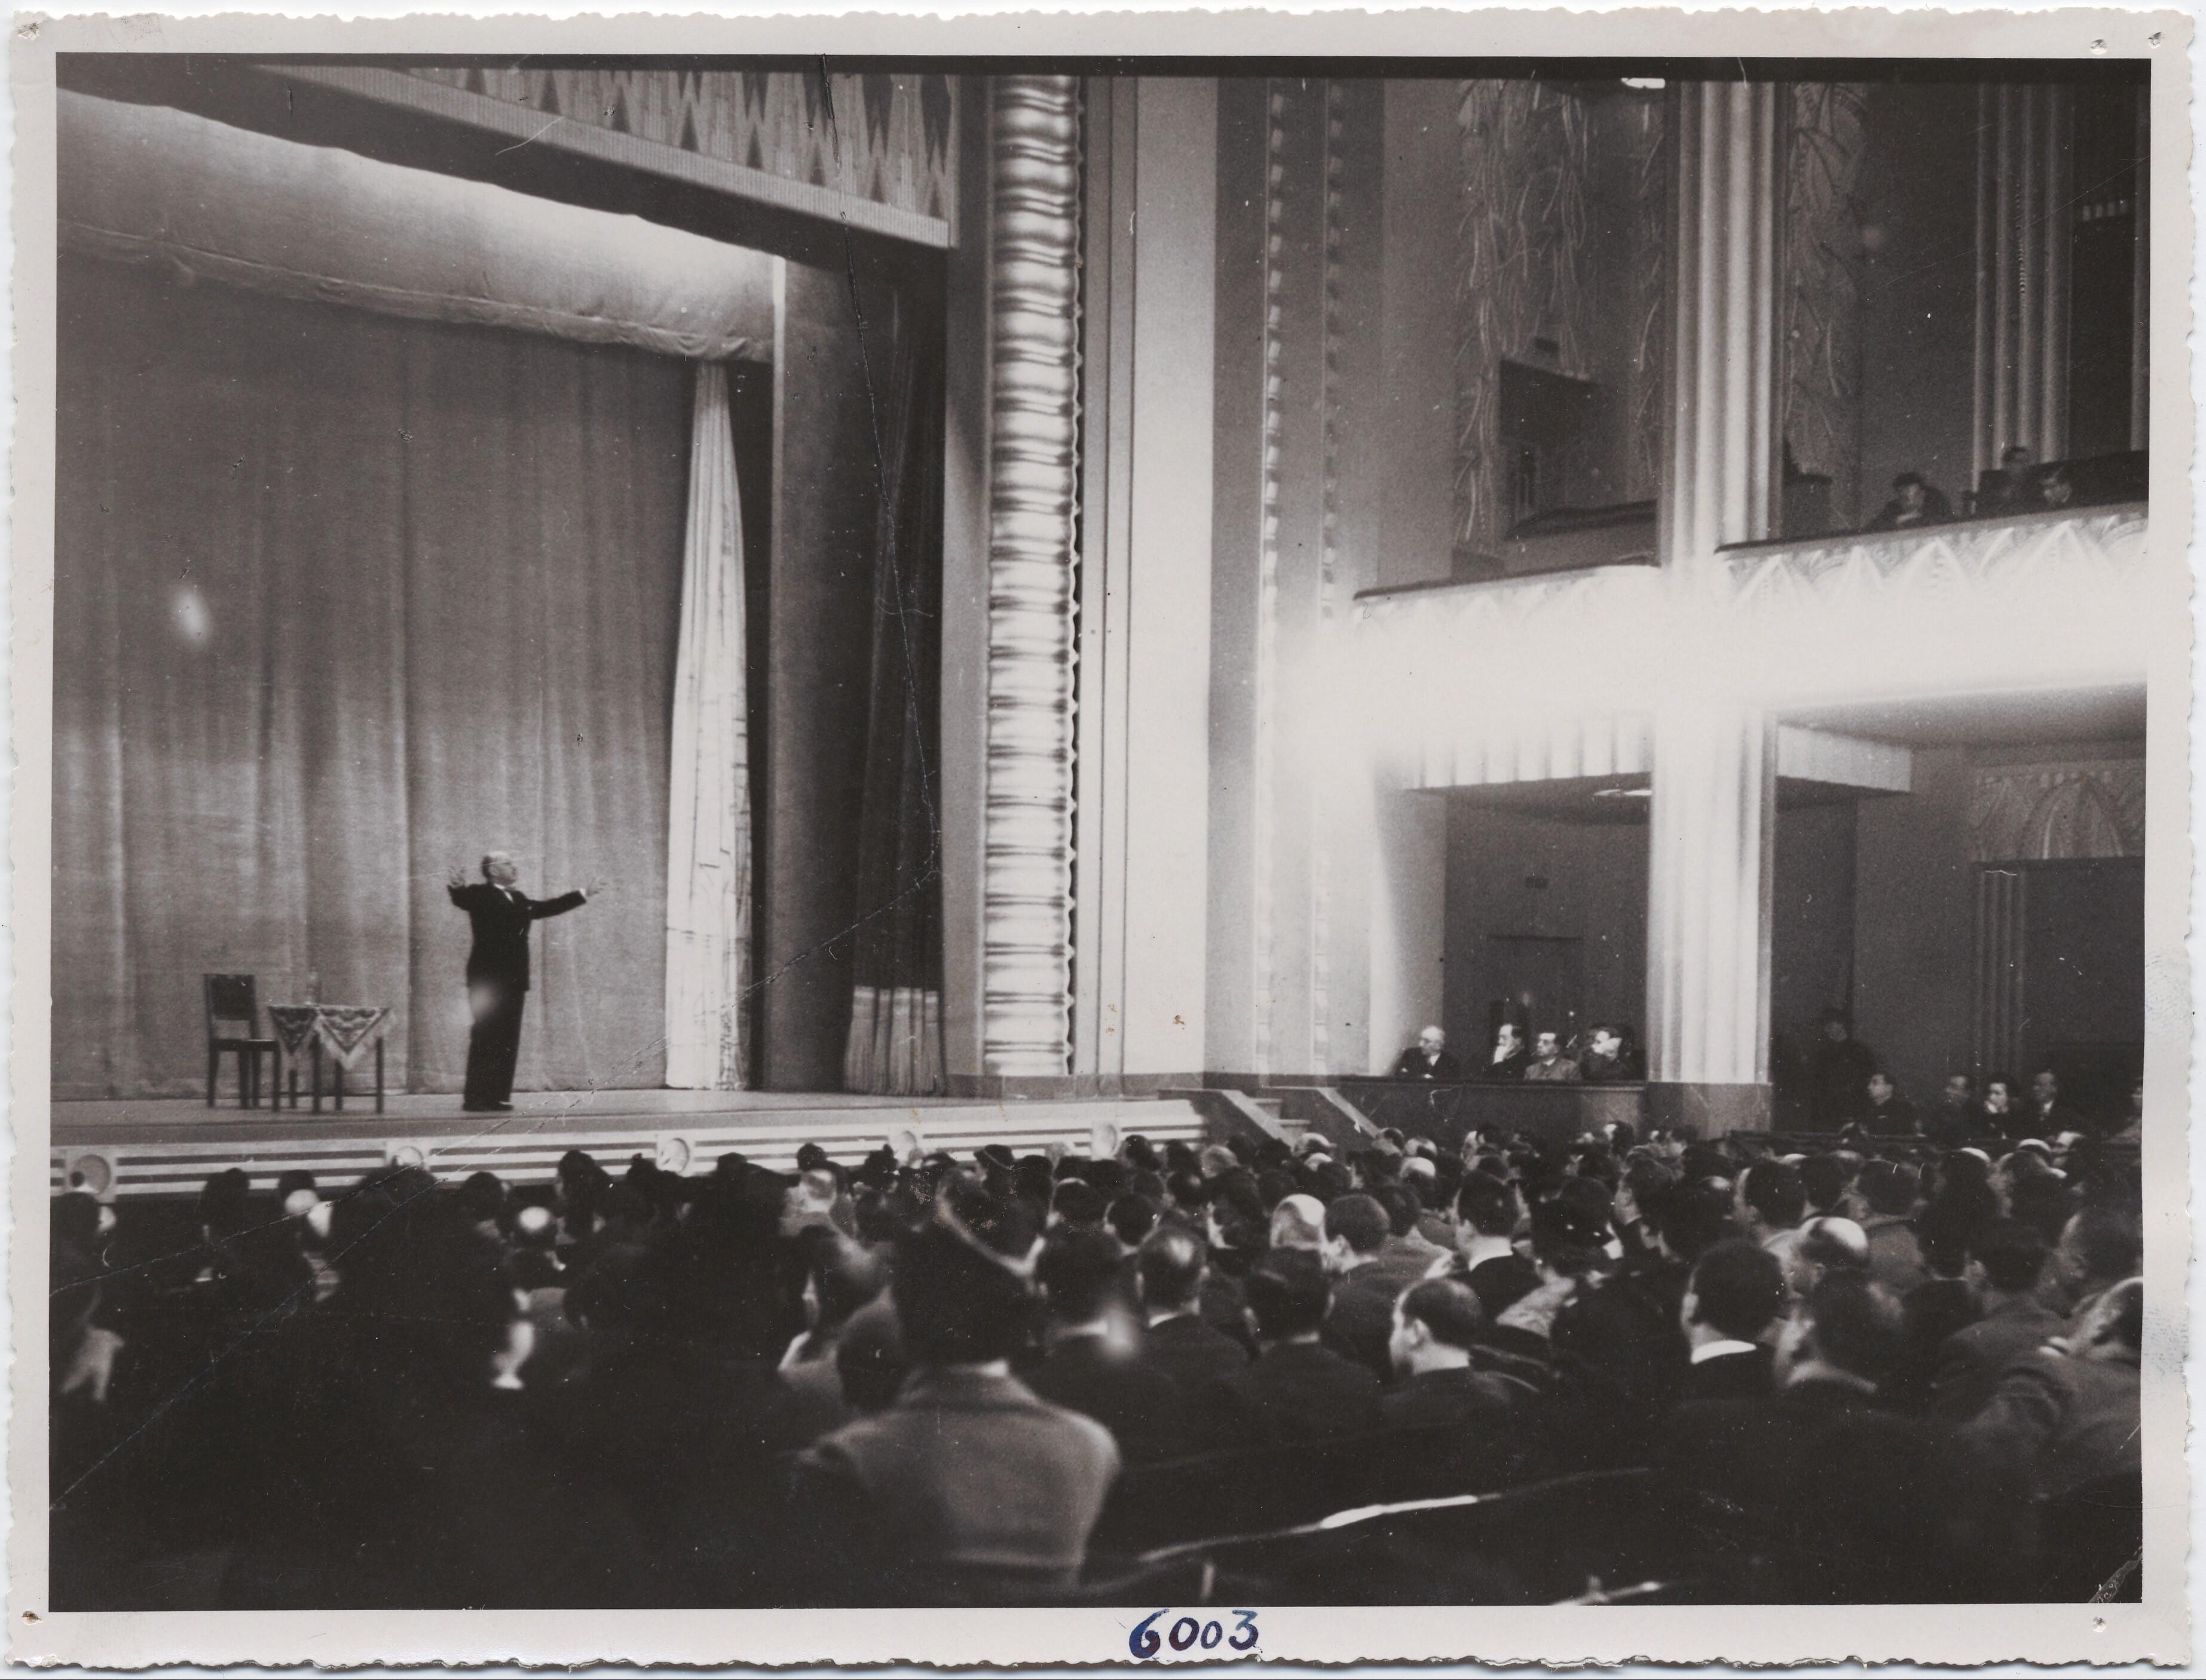 1927. Тунис. Маринетти выступает перед публикой